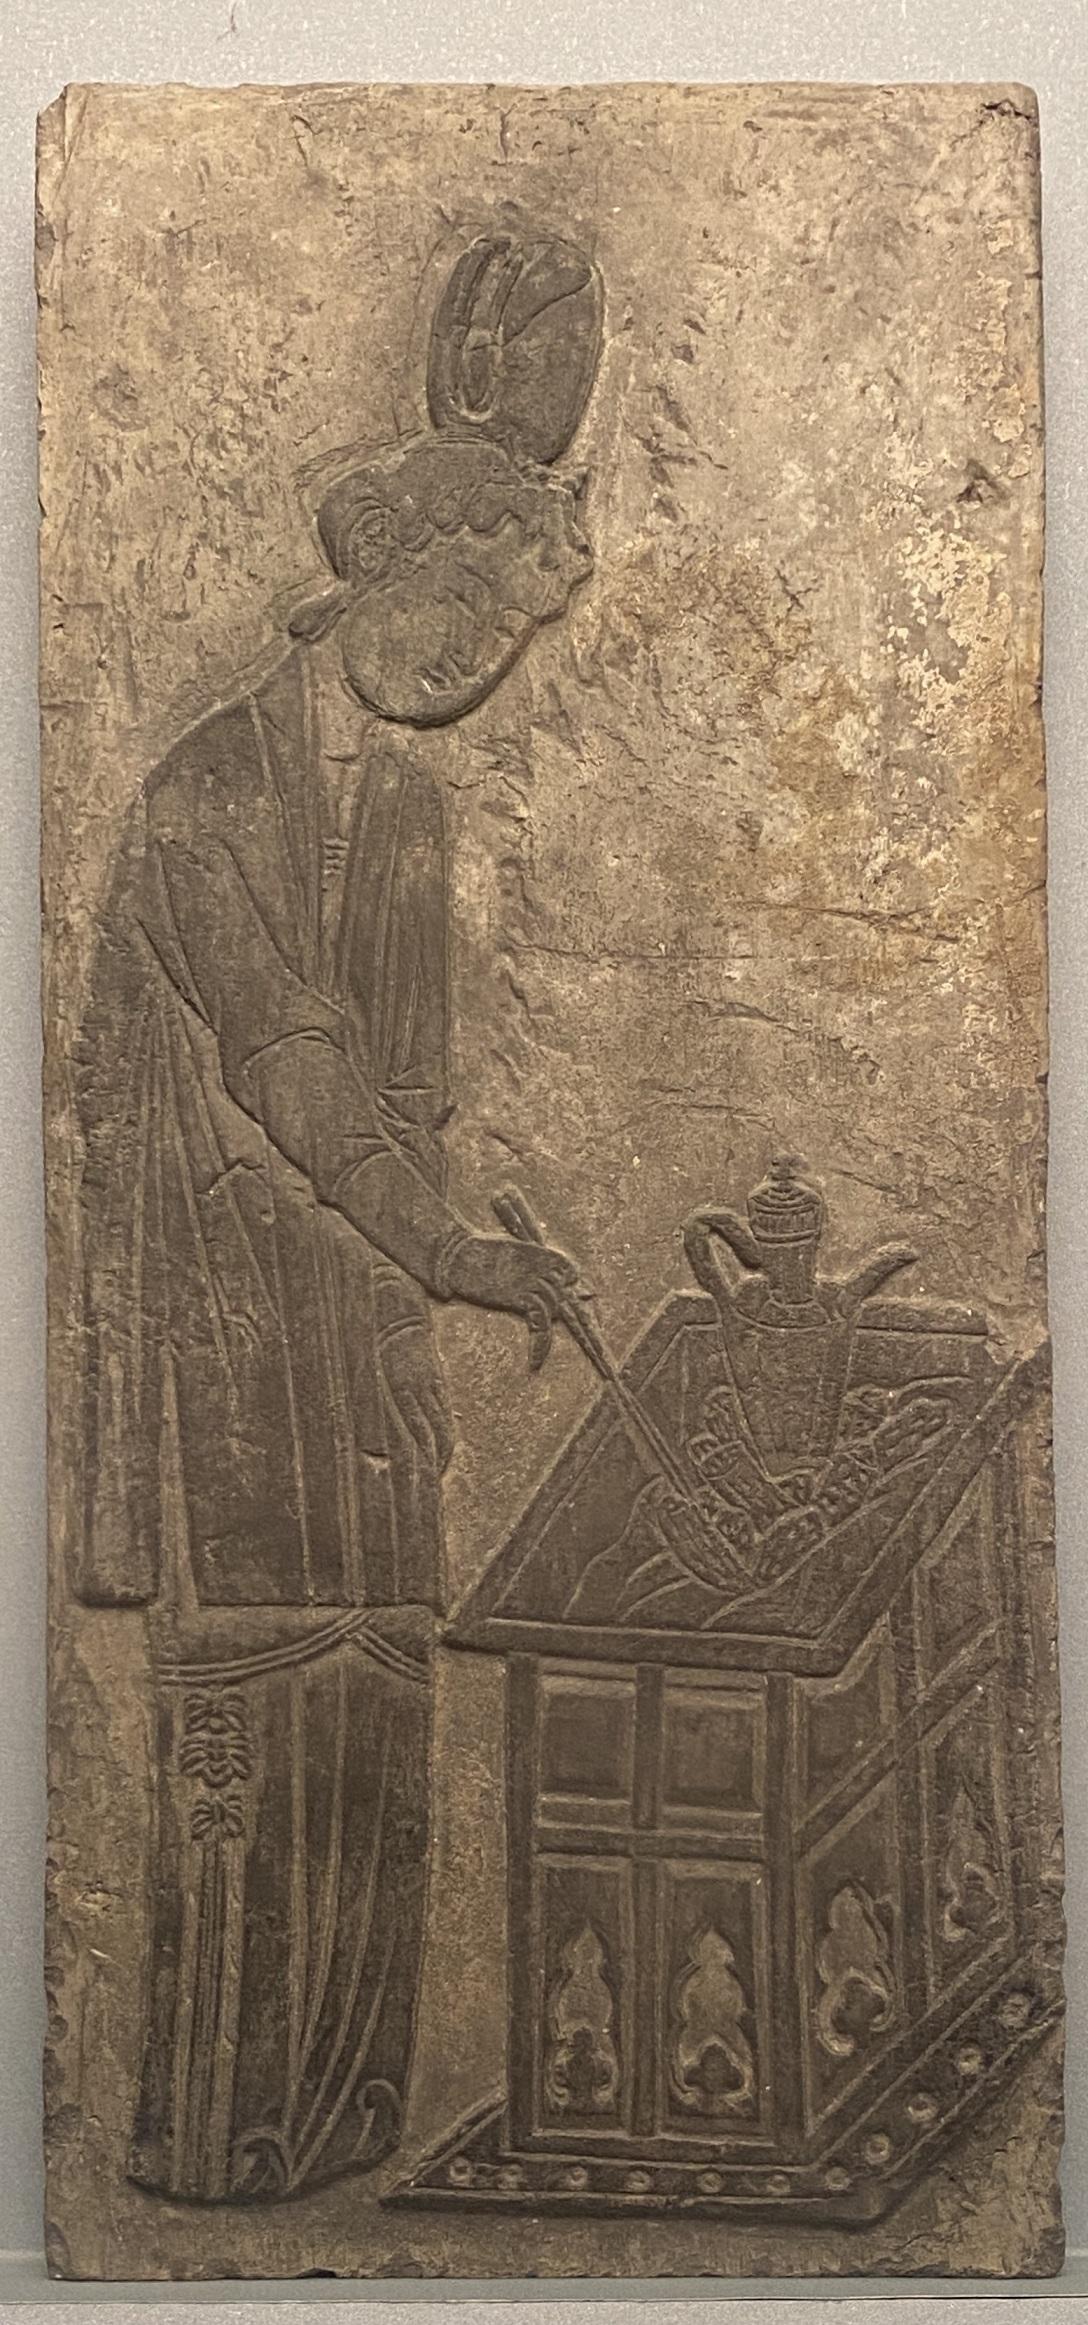 仕女烹茶レンガ彫刻-宋時代-特別展【食味人間】四川博物院・中国国家博物館